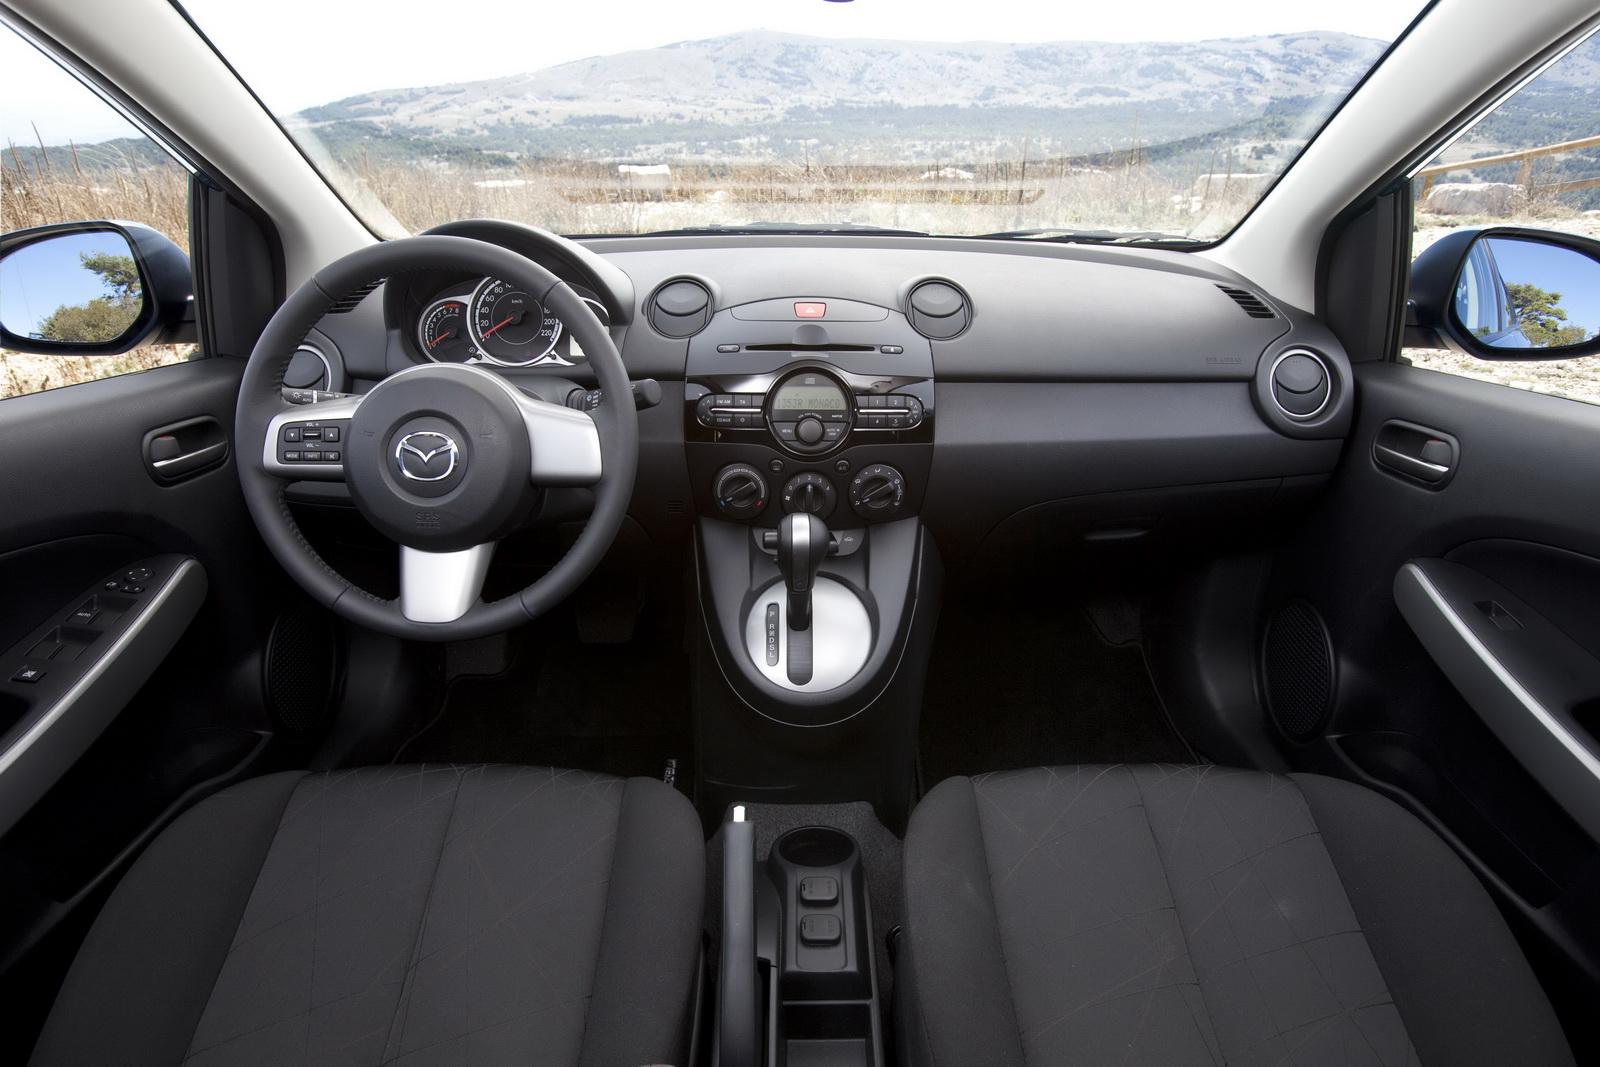 2011 Mazda 2 Specs  Automobili Image Idea